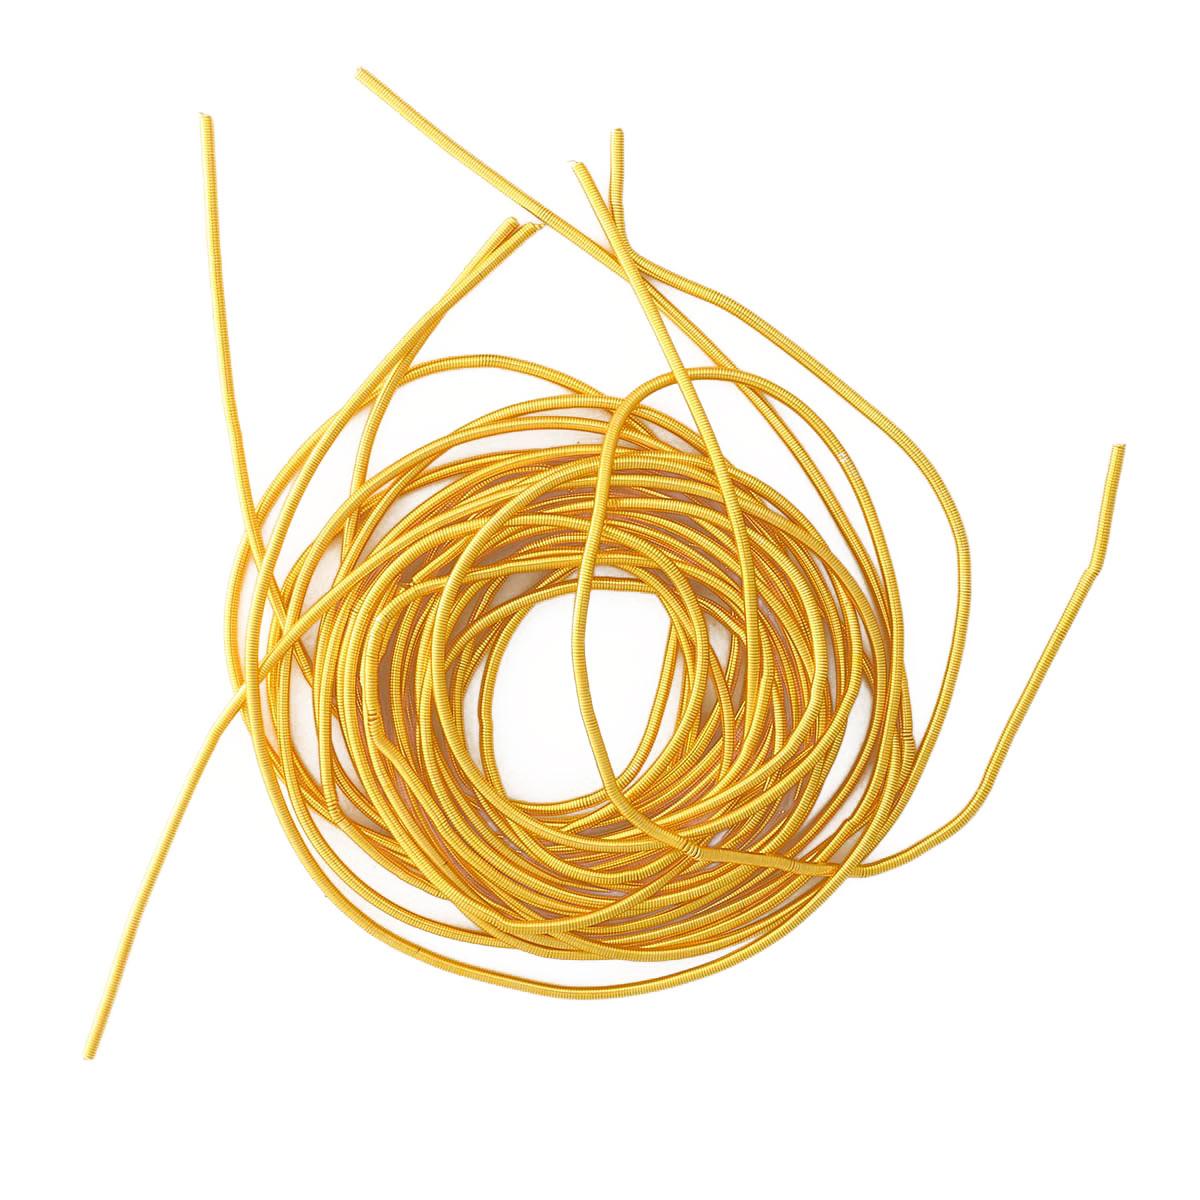 КА001НН1 Упаковка Канитель гладкая Золото 1 мм 5 грамм +/- 0,1 гр.